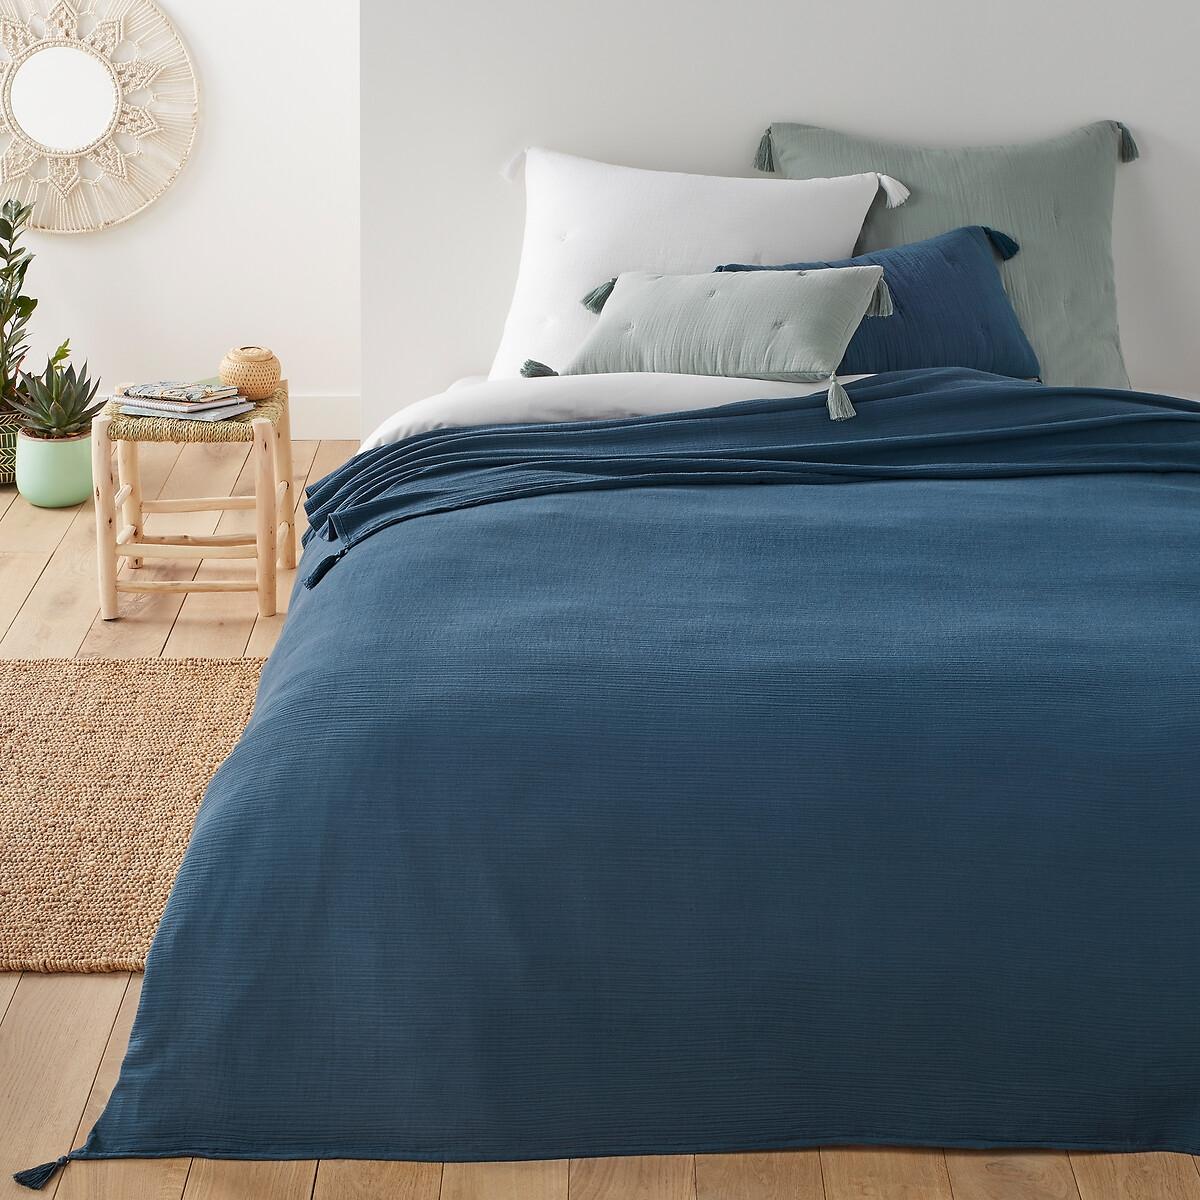 Покрывало LaRedoute Кроватное из хлопчатобумажной газовой ткани Kumla 180 x 230 см синий